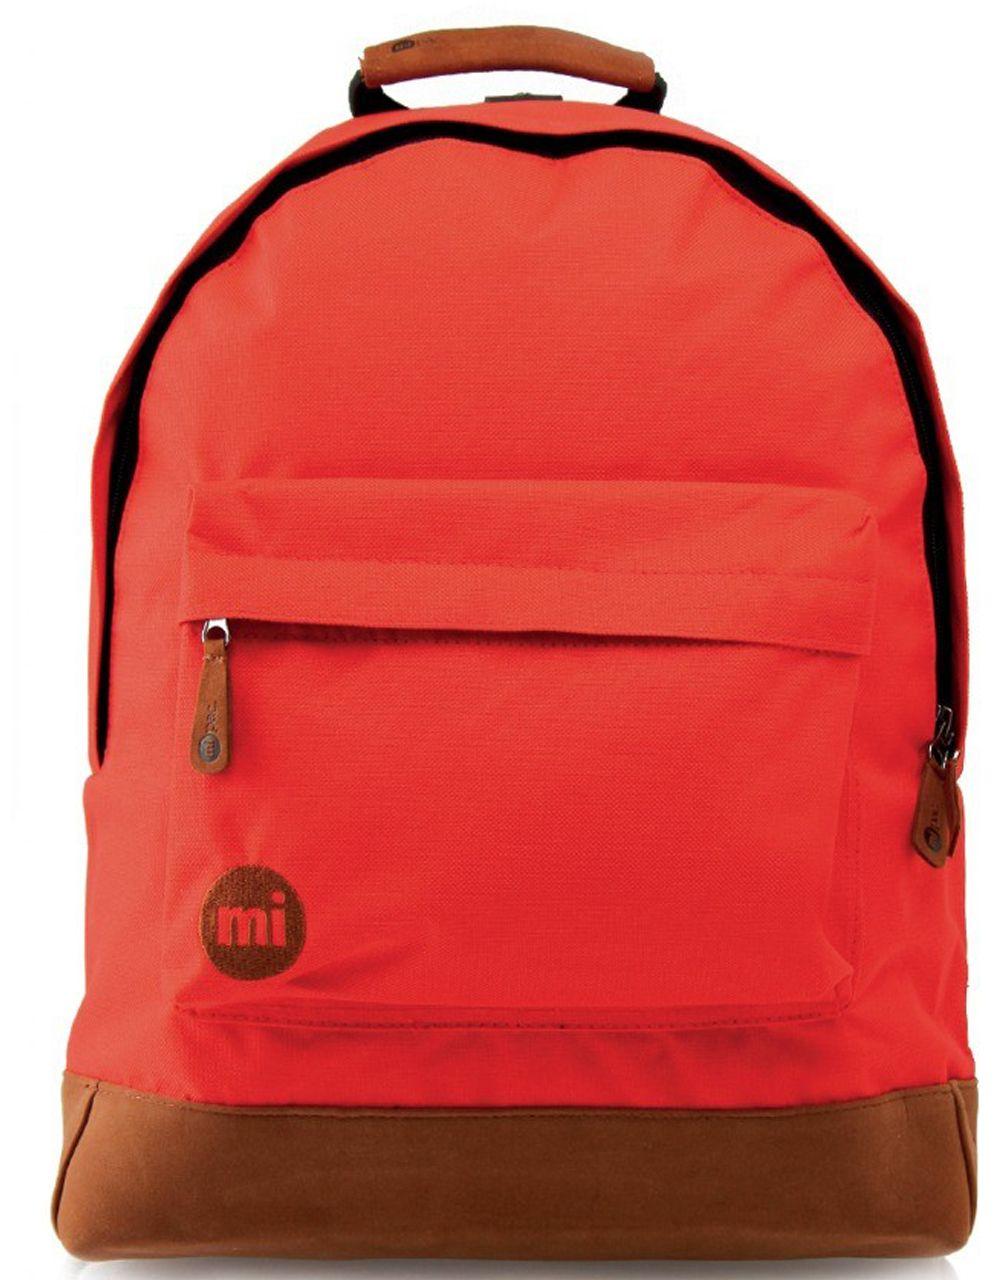 Рюкзаки молодежные для девушек в самаре сумки на колёсах дорожные pola